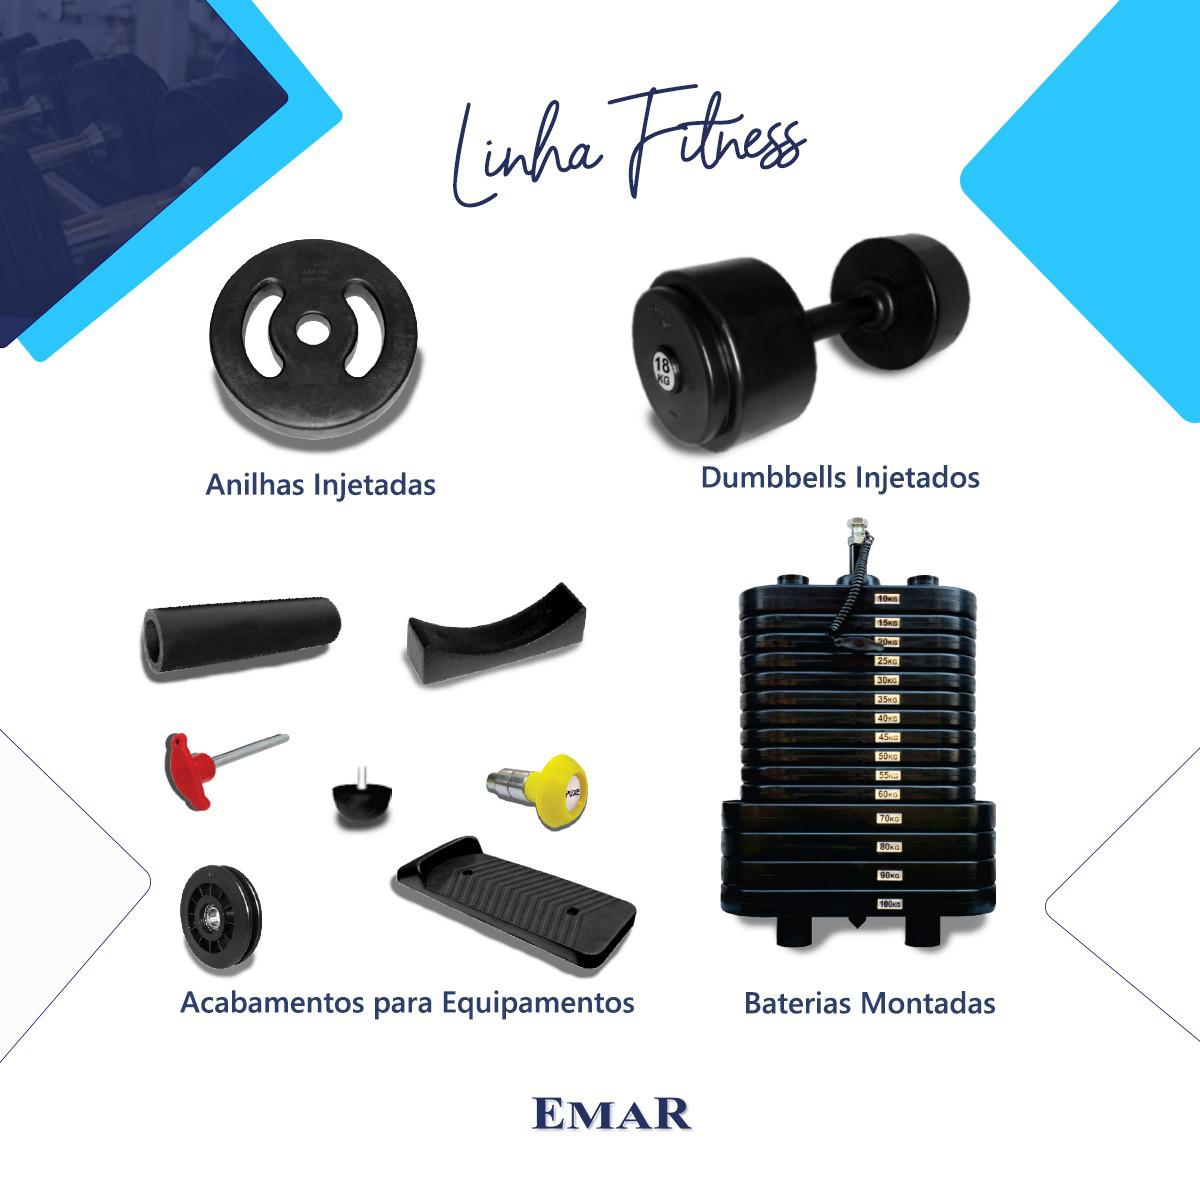 """Kit com 2 Anilhas Injetadas de 20 kg cada - Furo Standard 1.1/8"""" Revestidas com Grossa Camada de PVC"""